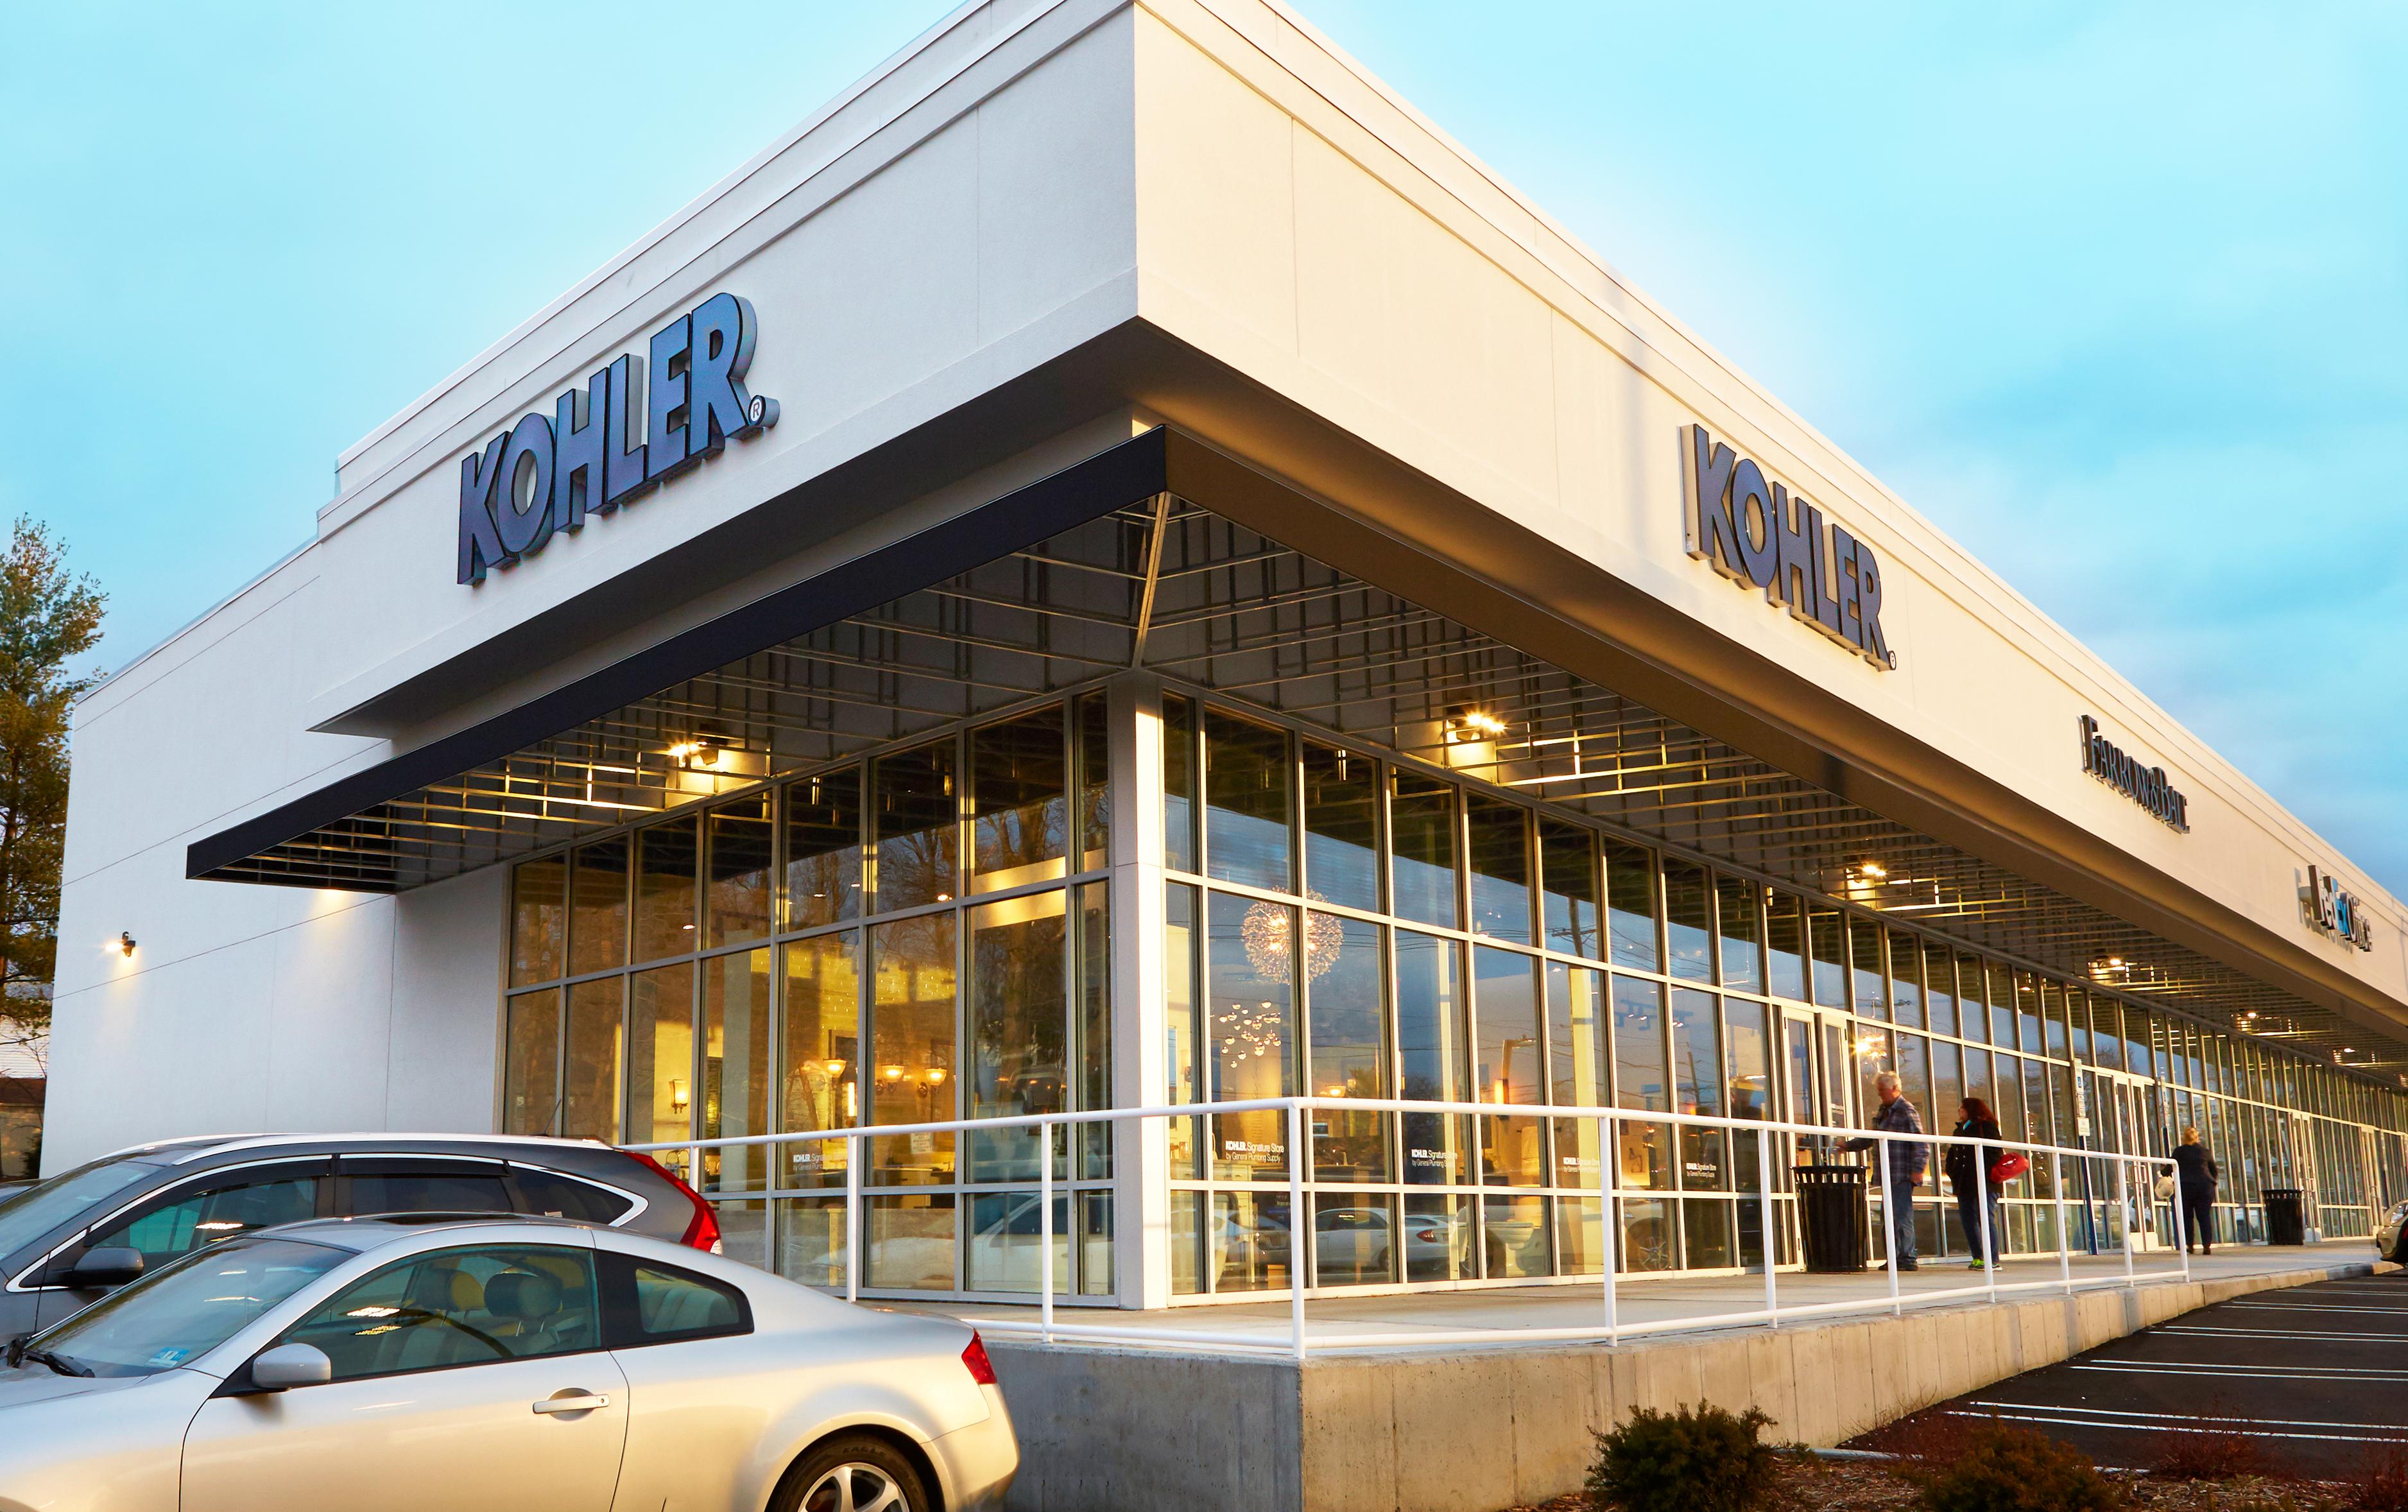 Kohler Store Paramus Exterior